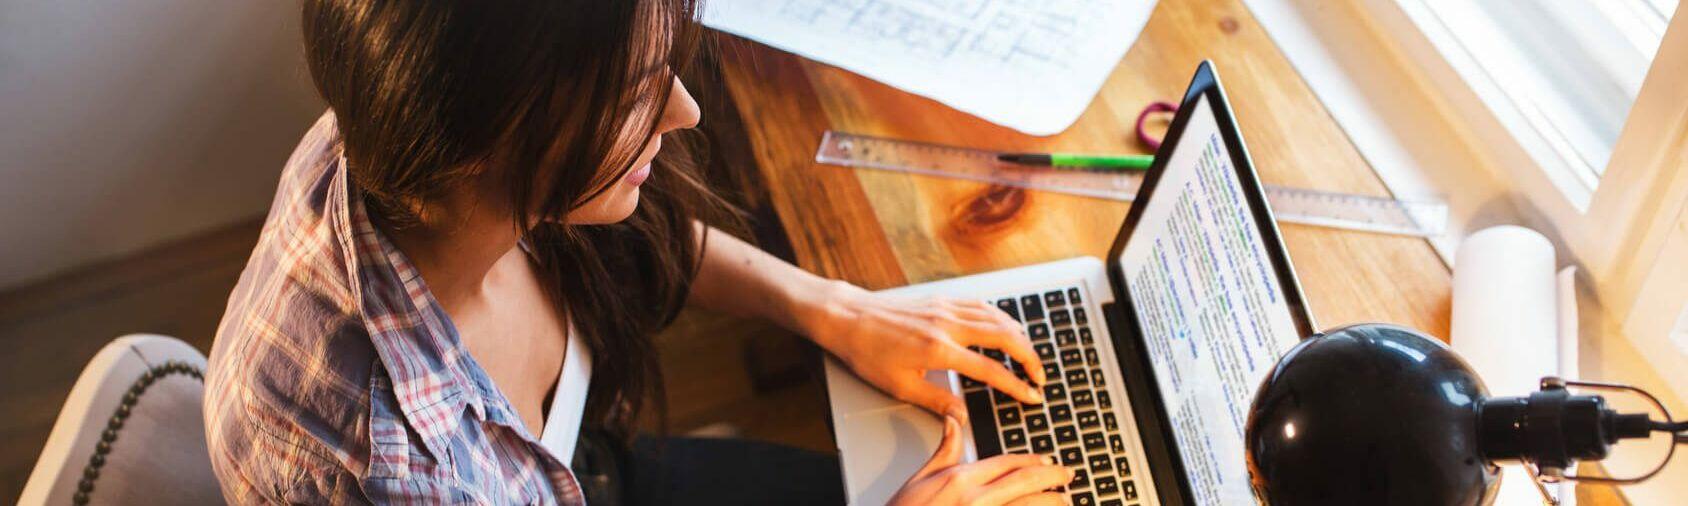 Suchmaschinenoptimierung Yoast mit Wordpress: Junge Frau checkt Google Suchergebnisse auf ihrem Laptop